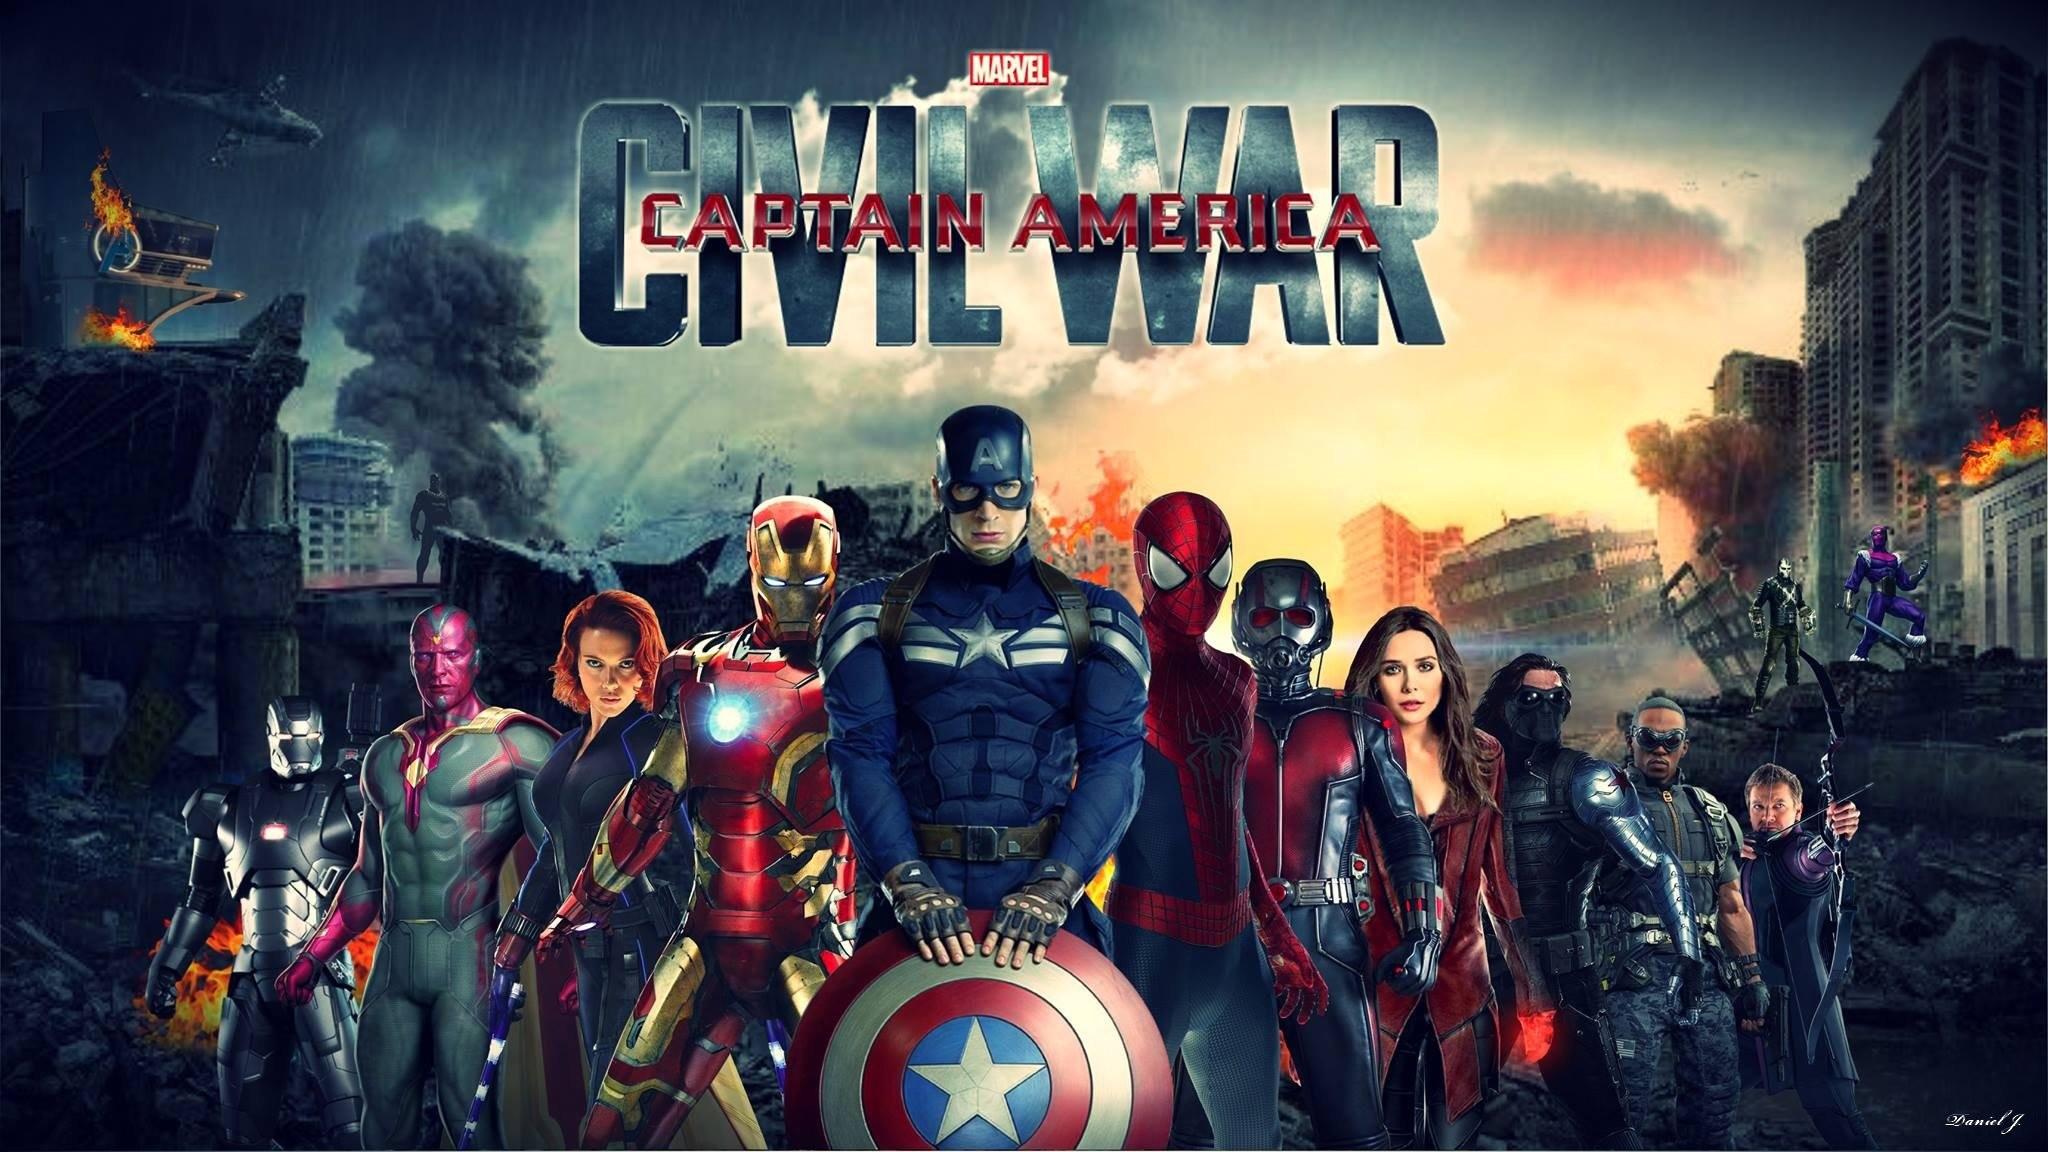 Captain America Civil War Wallpapers HD   HD Wallpapers   Pinterest    Marvel civil war, Hd wallpaper and Wallpaper